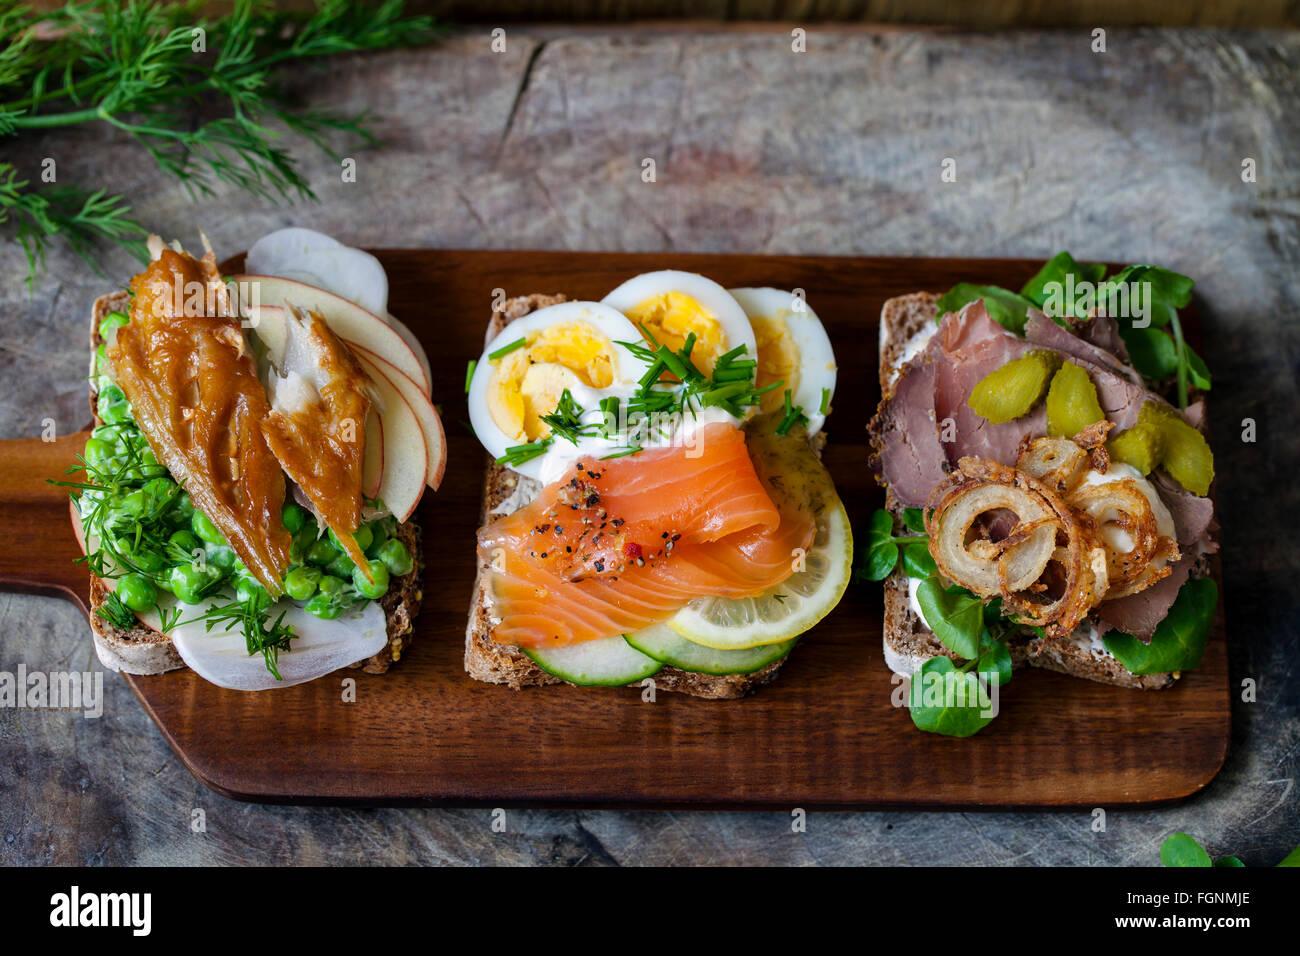 Skandinavische belegte Brötchen mit geräucherter Makrele, Lachs und Ei und Roastbeef und knusprigen Zwiebeln Stockbild